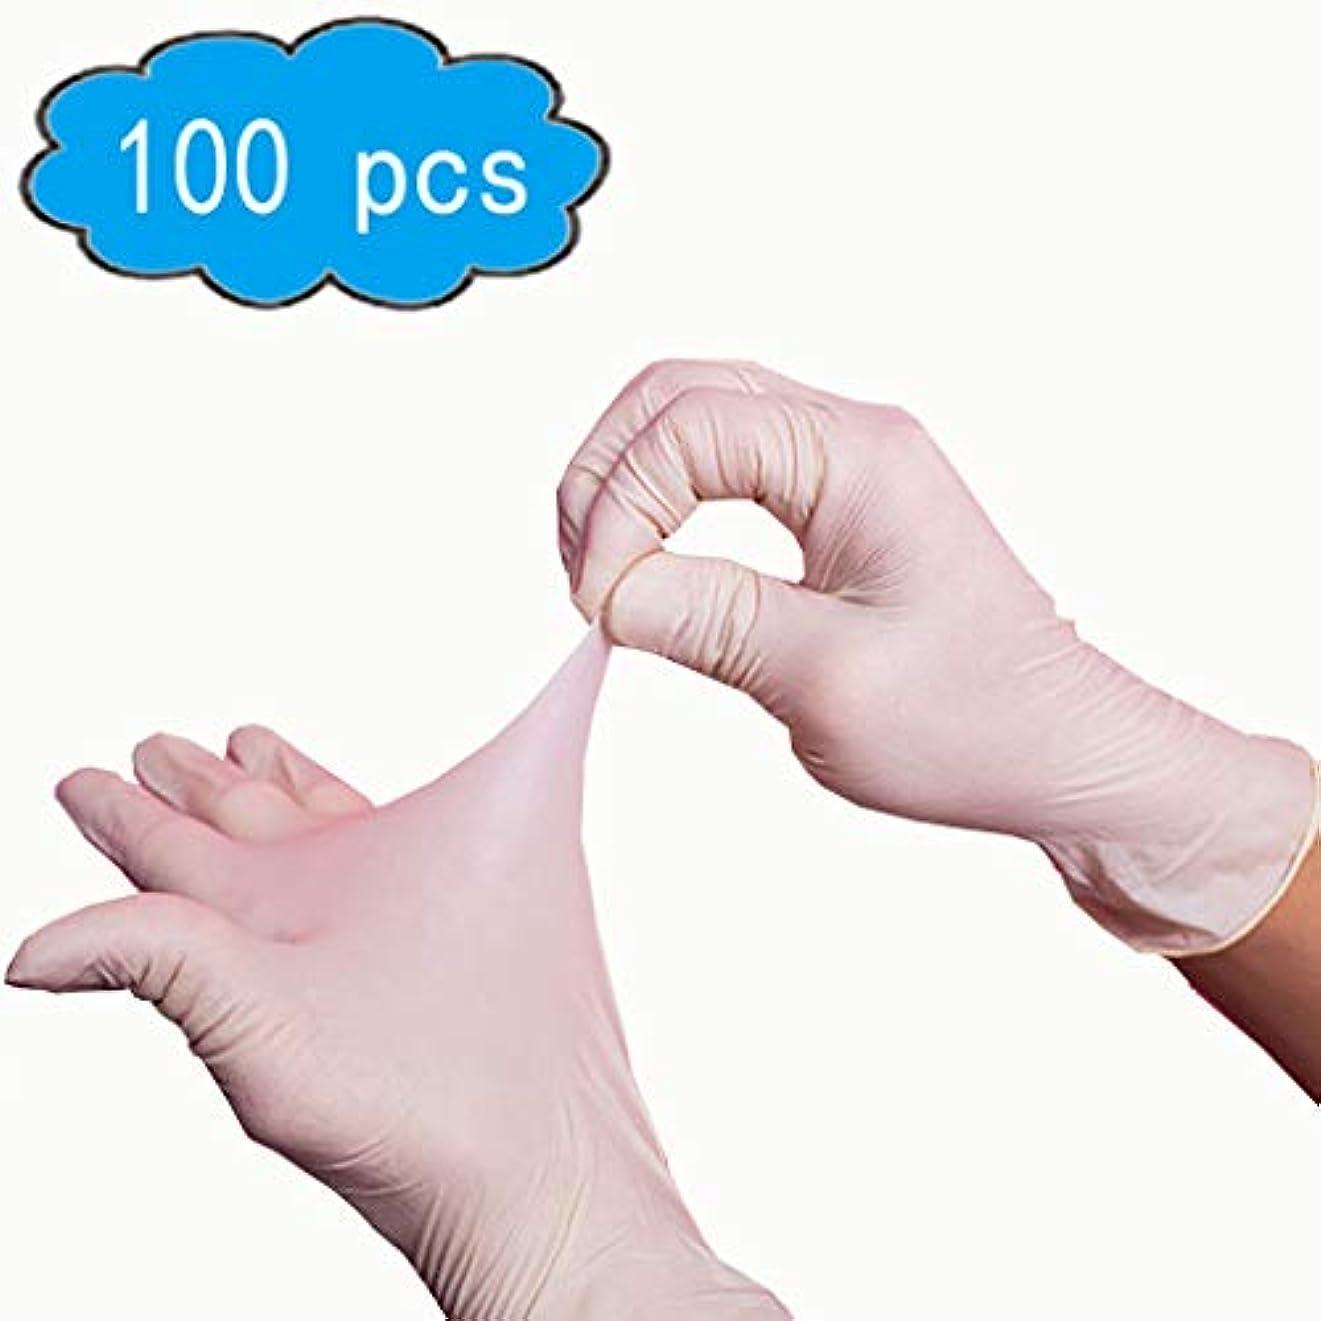 ゴム手袋パウダーフリー/使い捨て食品調理用手袋/キッチンフードサービスクリーニンググローブサイズミディアム、100個入り、応急処置用品、サニタリー手袋 (Color : White, Size : L)